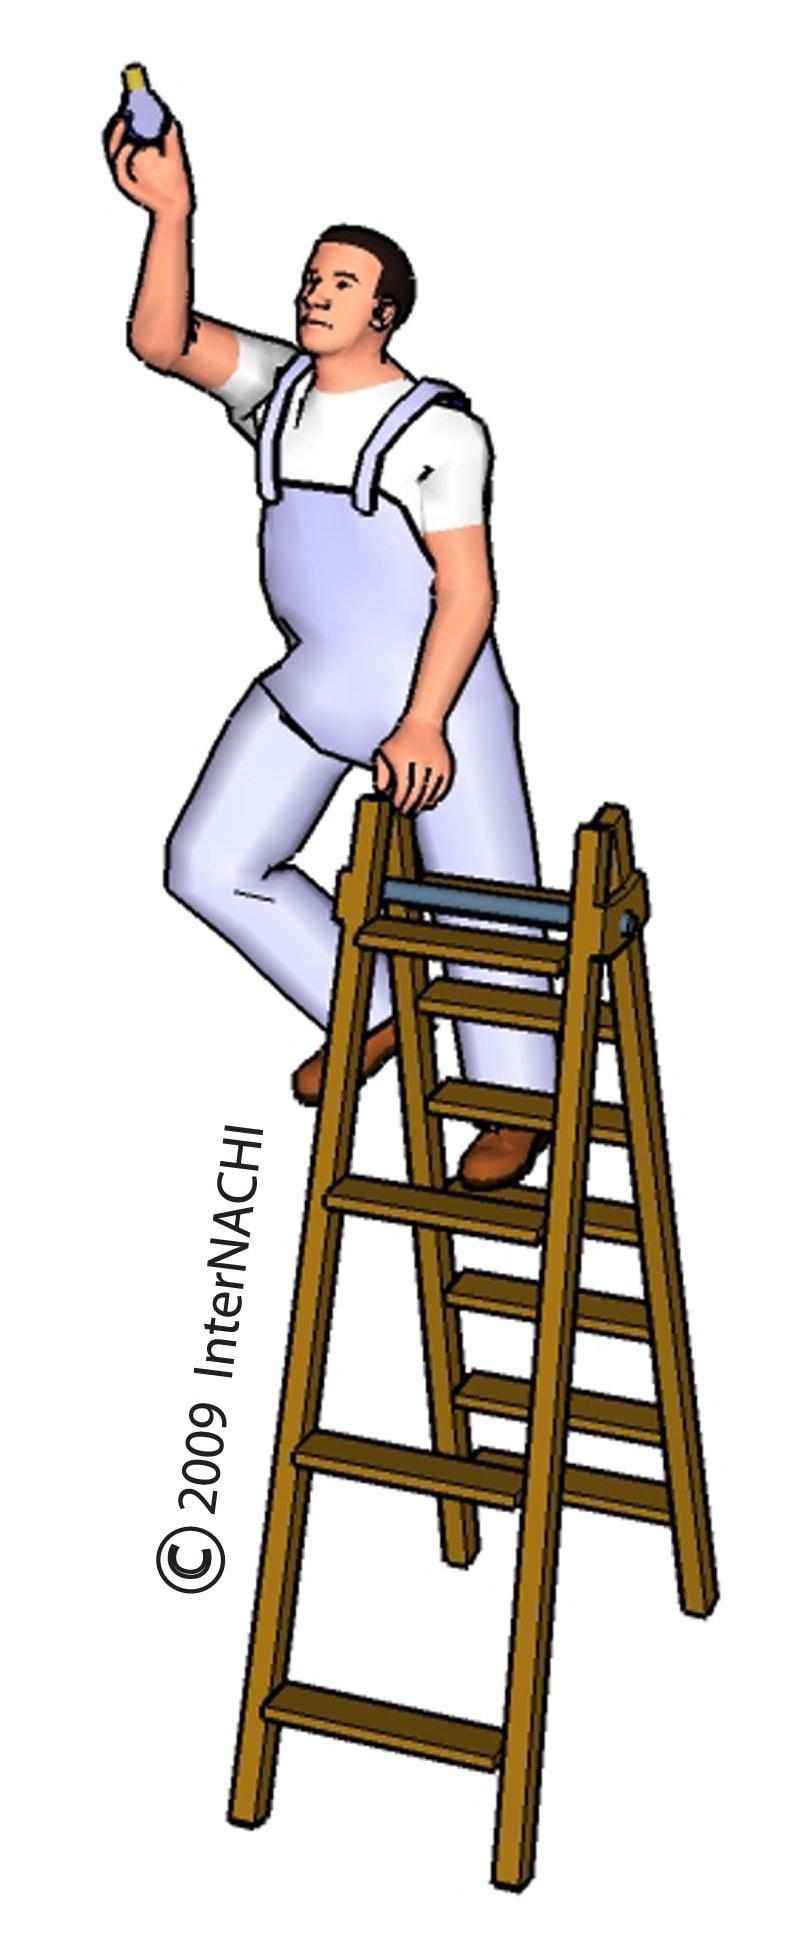 Ladder safety.